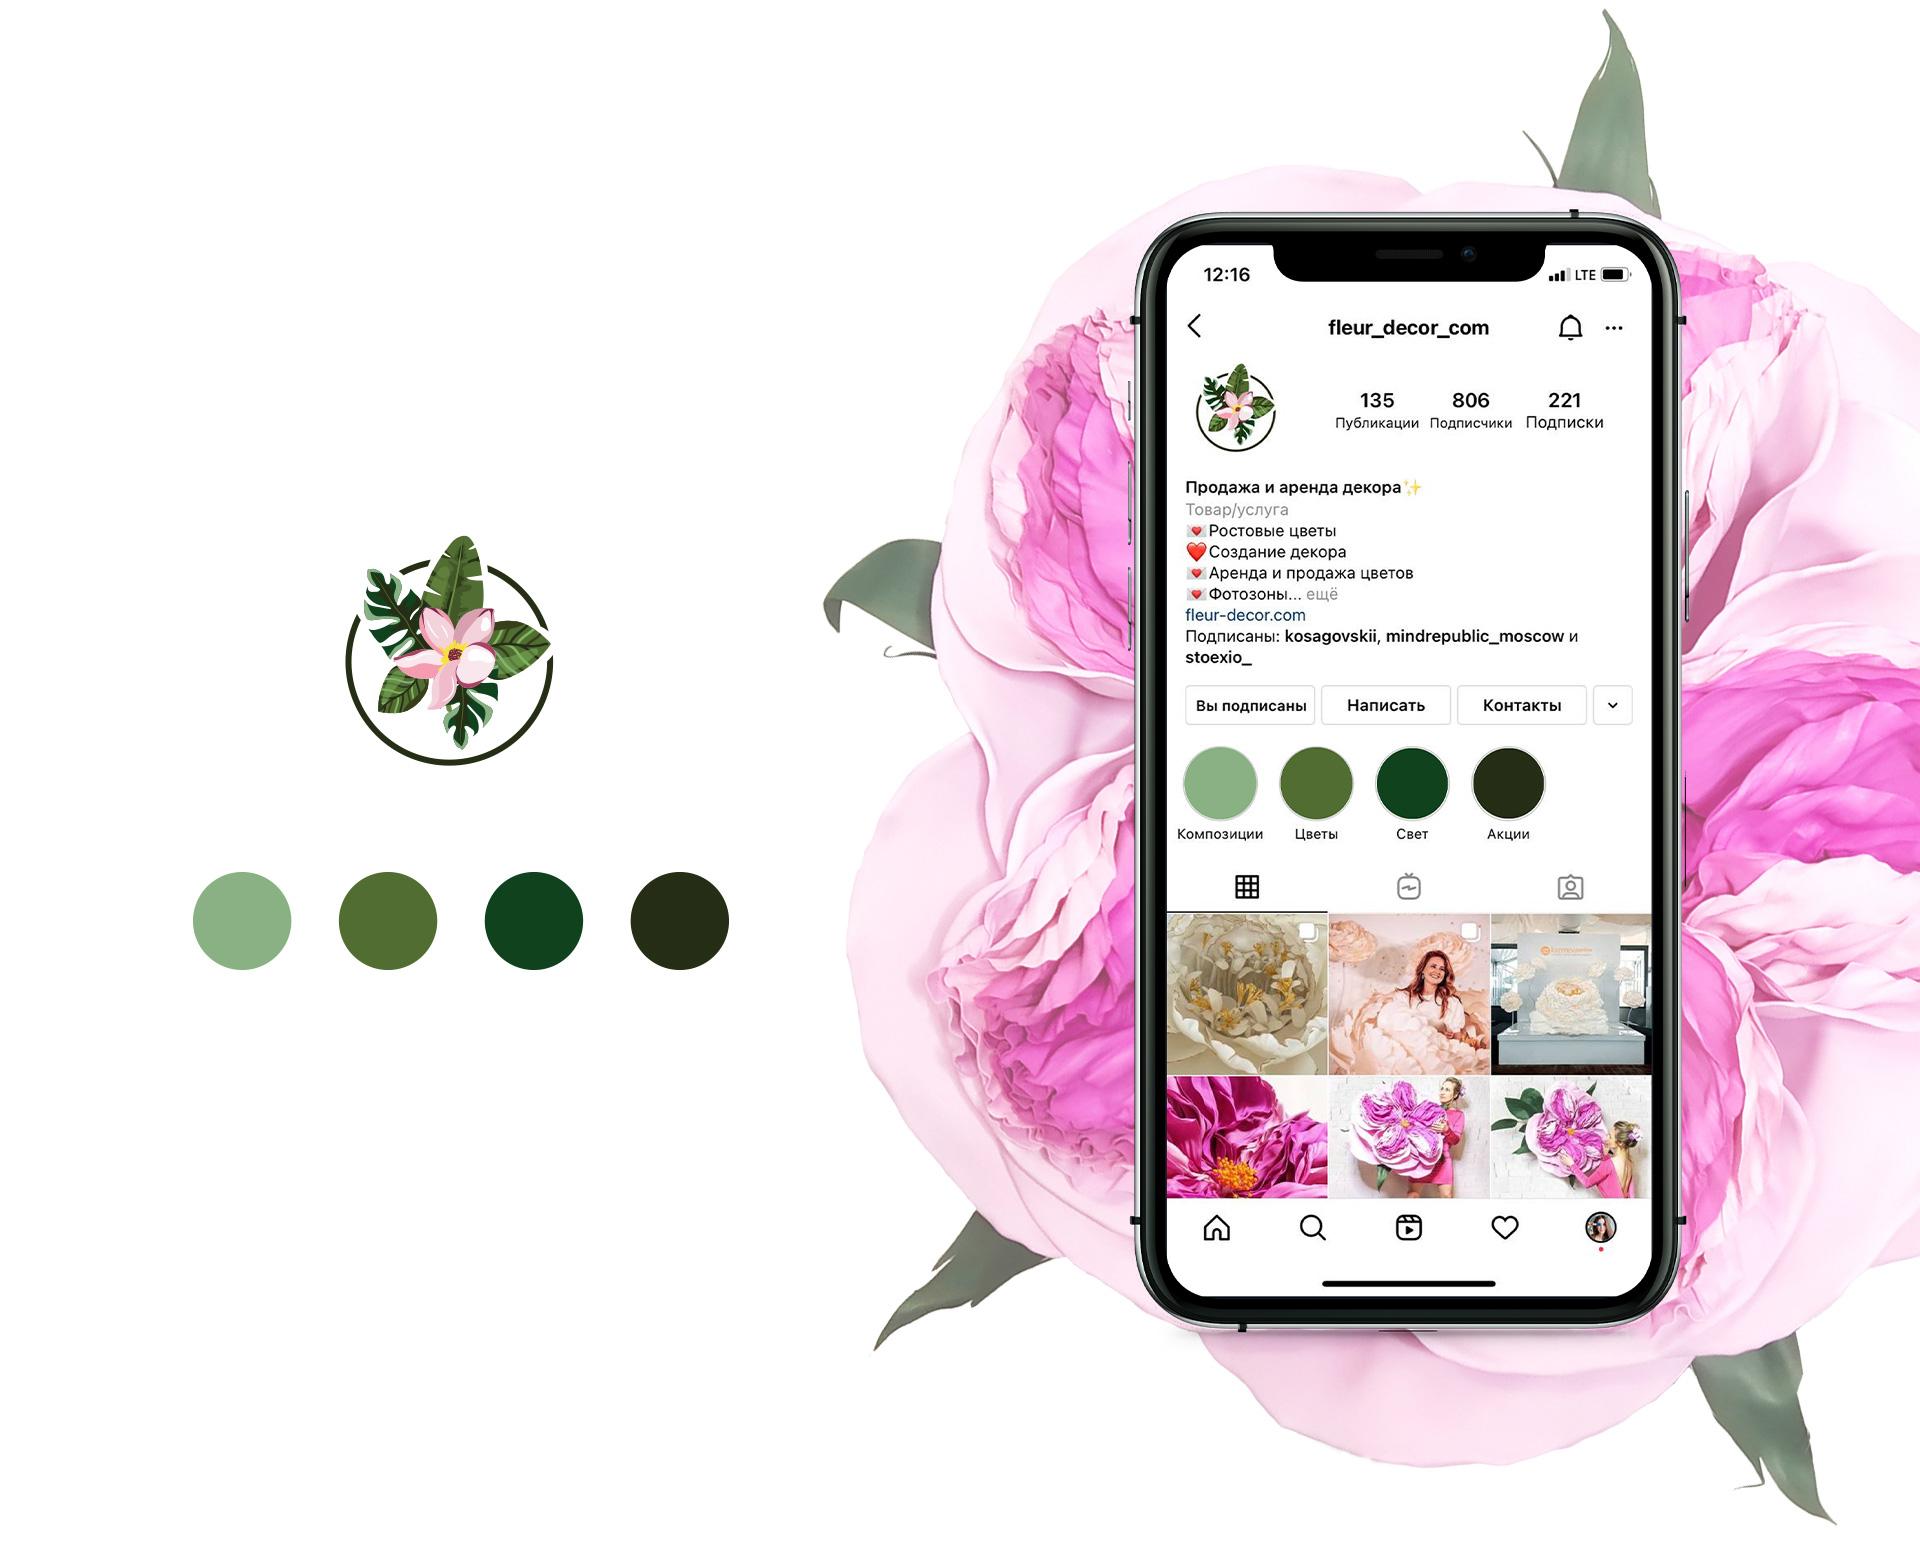 Разработка бренд стиля для студии декора - оформление инстаграм аккаунта